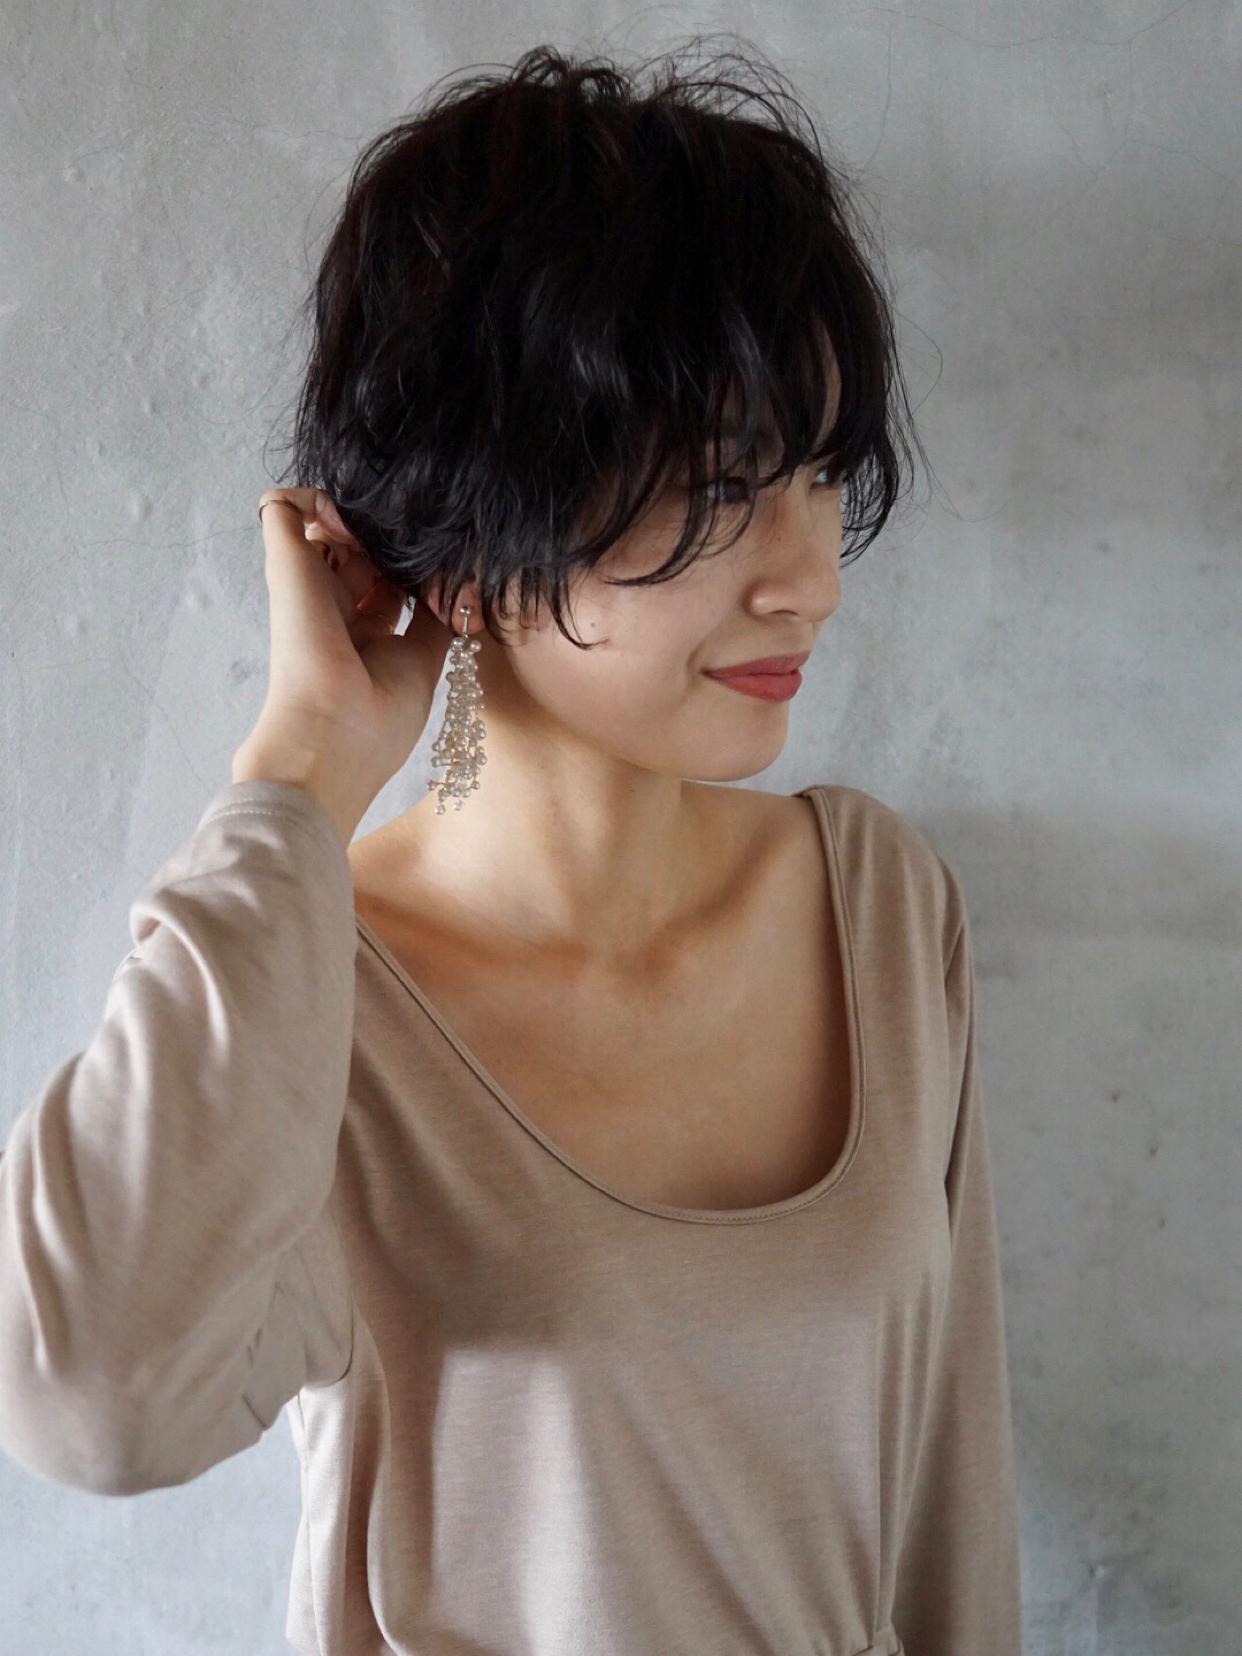 #カジュアル #ファッション #ショートヘア #大人ショートヘア #黒髪ショートヘア #ラフ